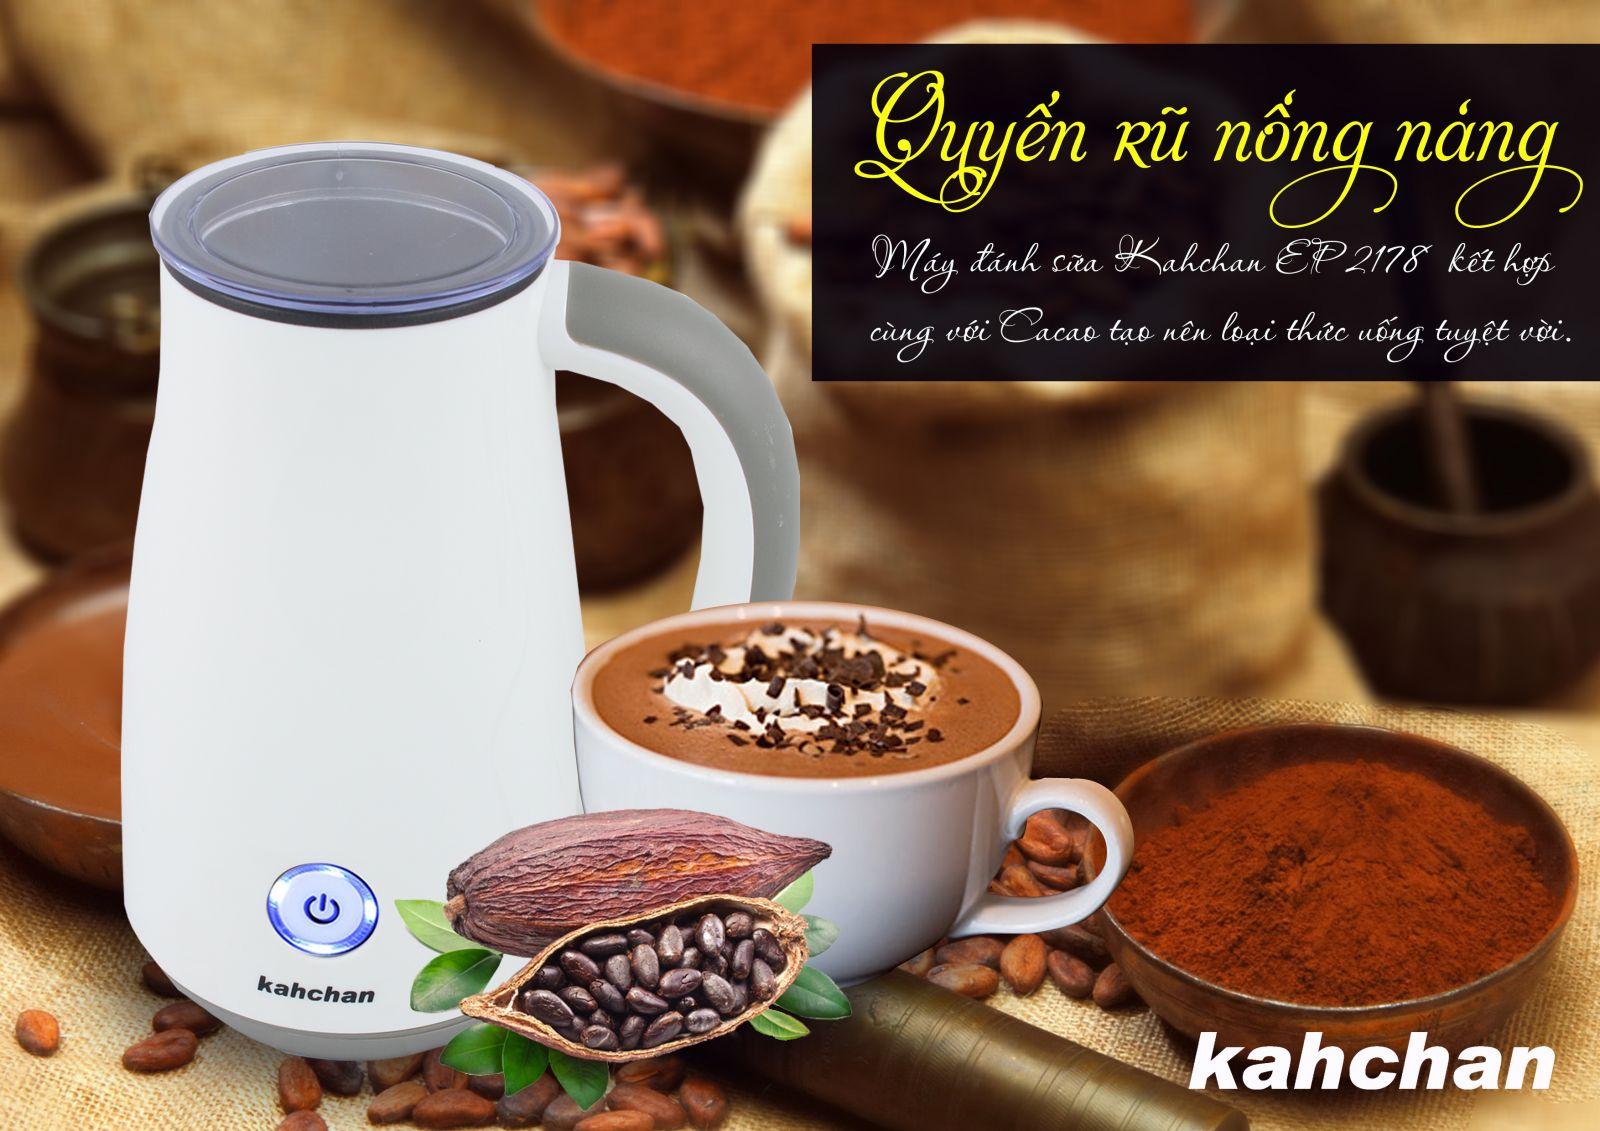 Máy pha cacao Kahchan EP278-2 (Ảnh 1)